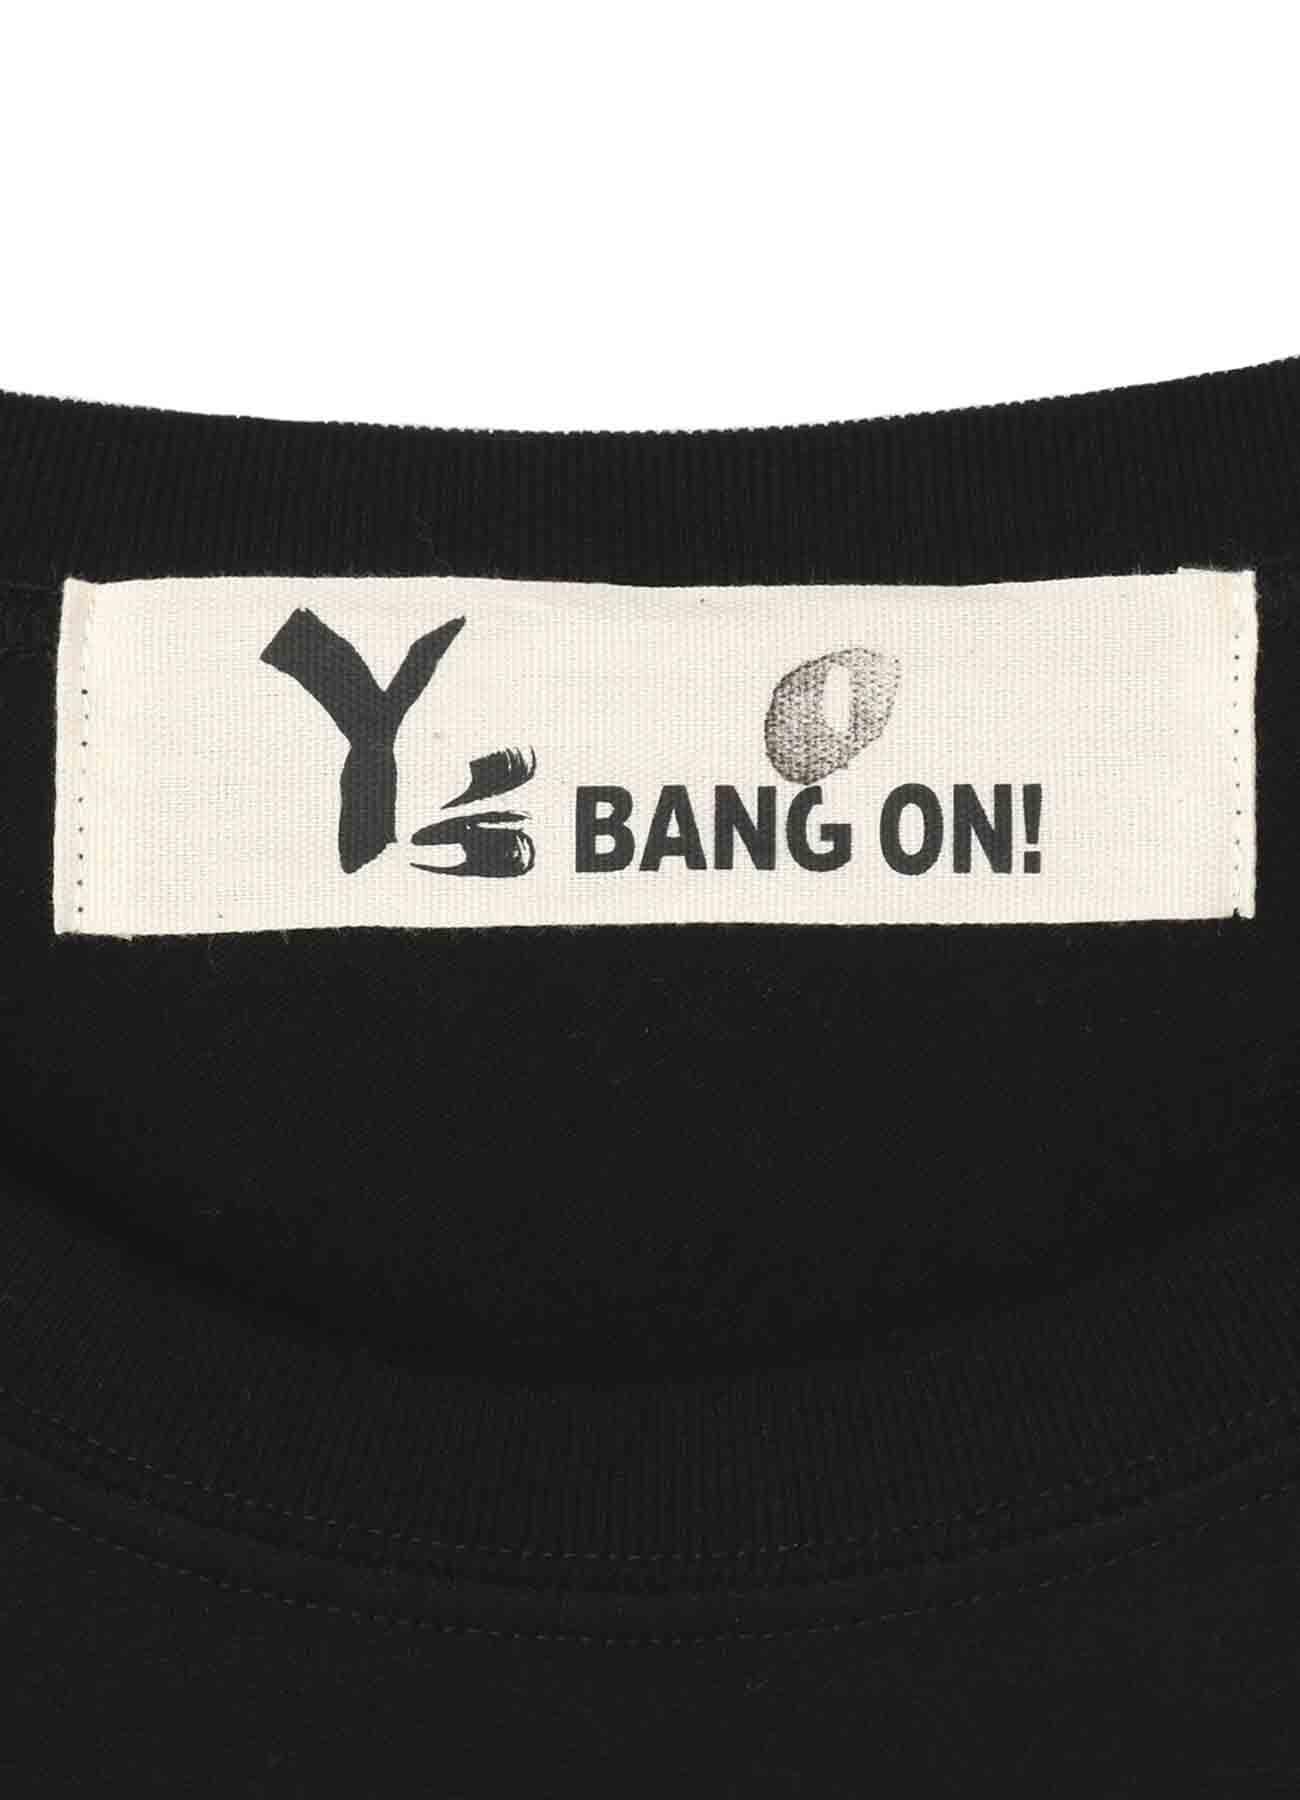 BANG ON!リッププリントTシャツ